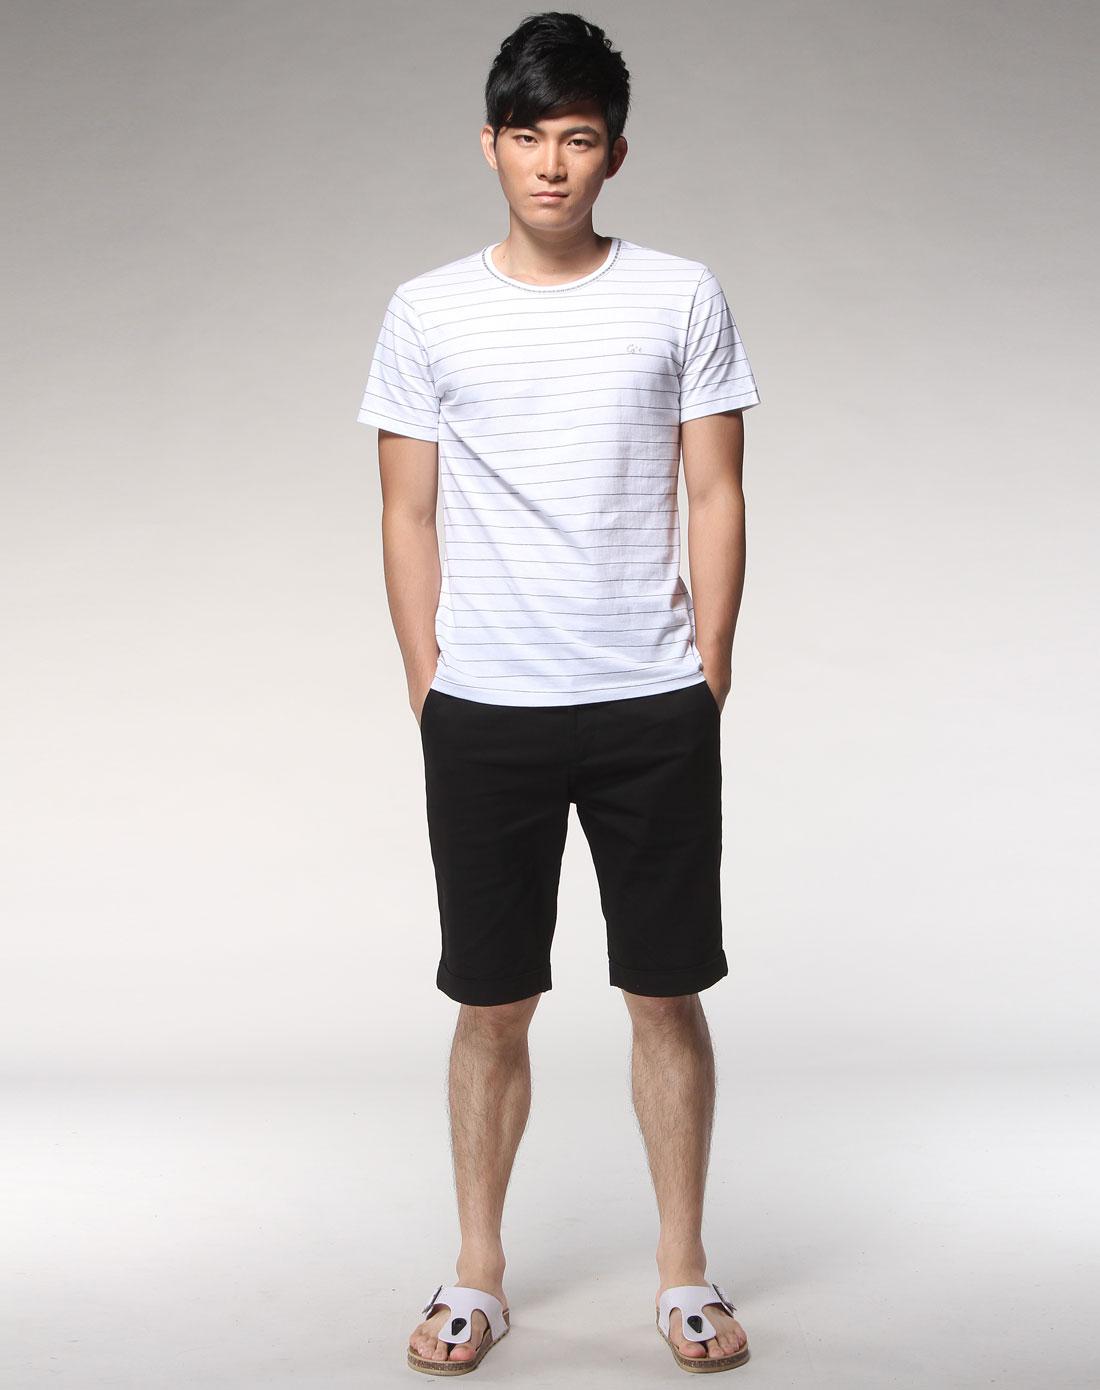 白底黑色条纹短袖圆领t恤